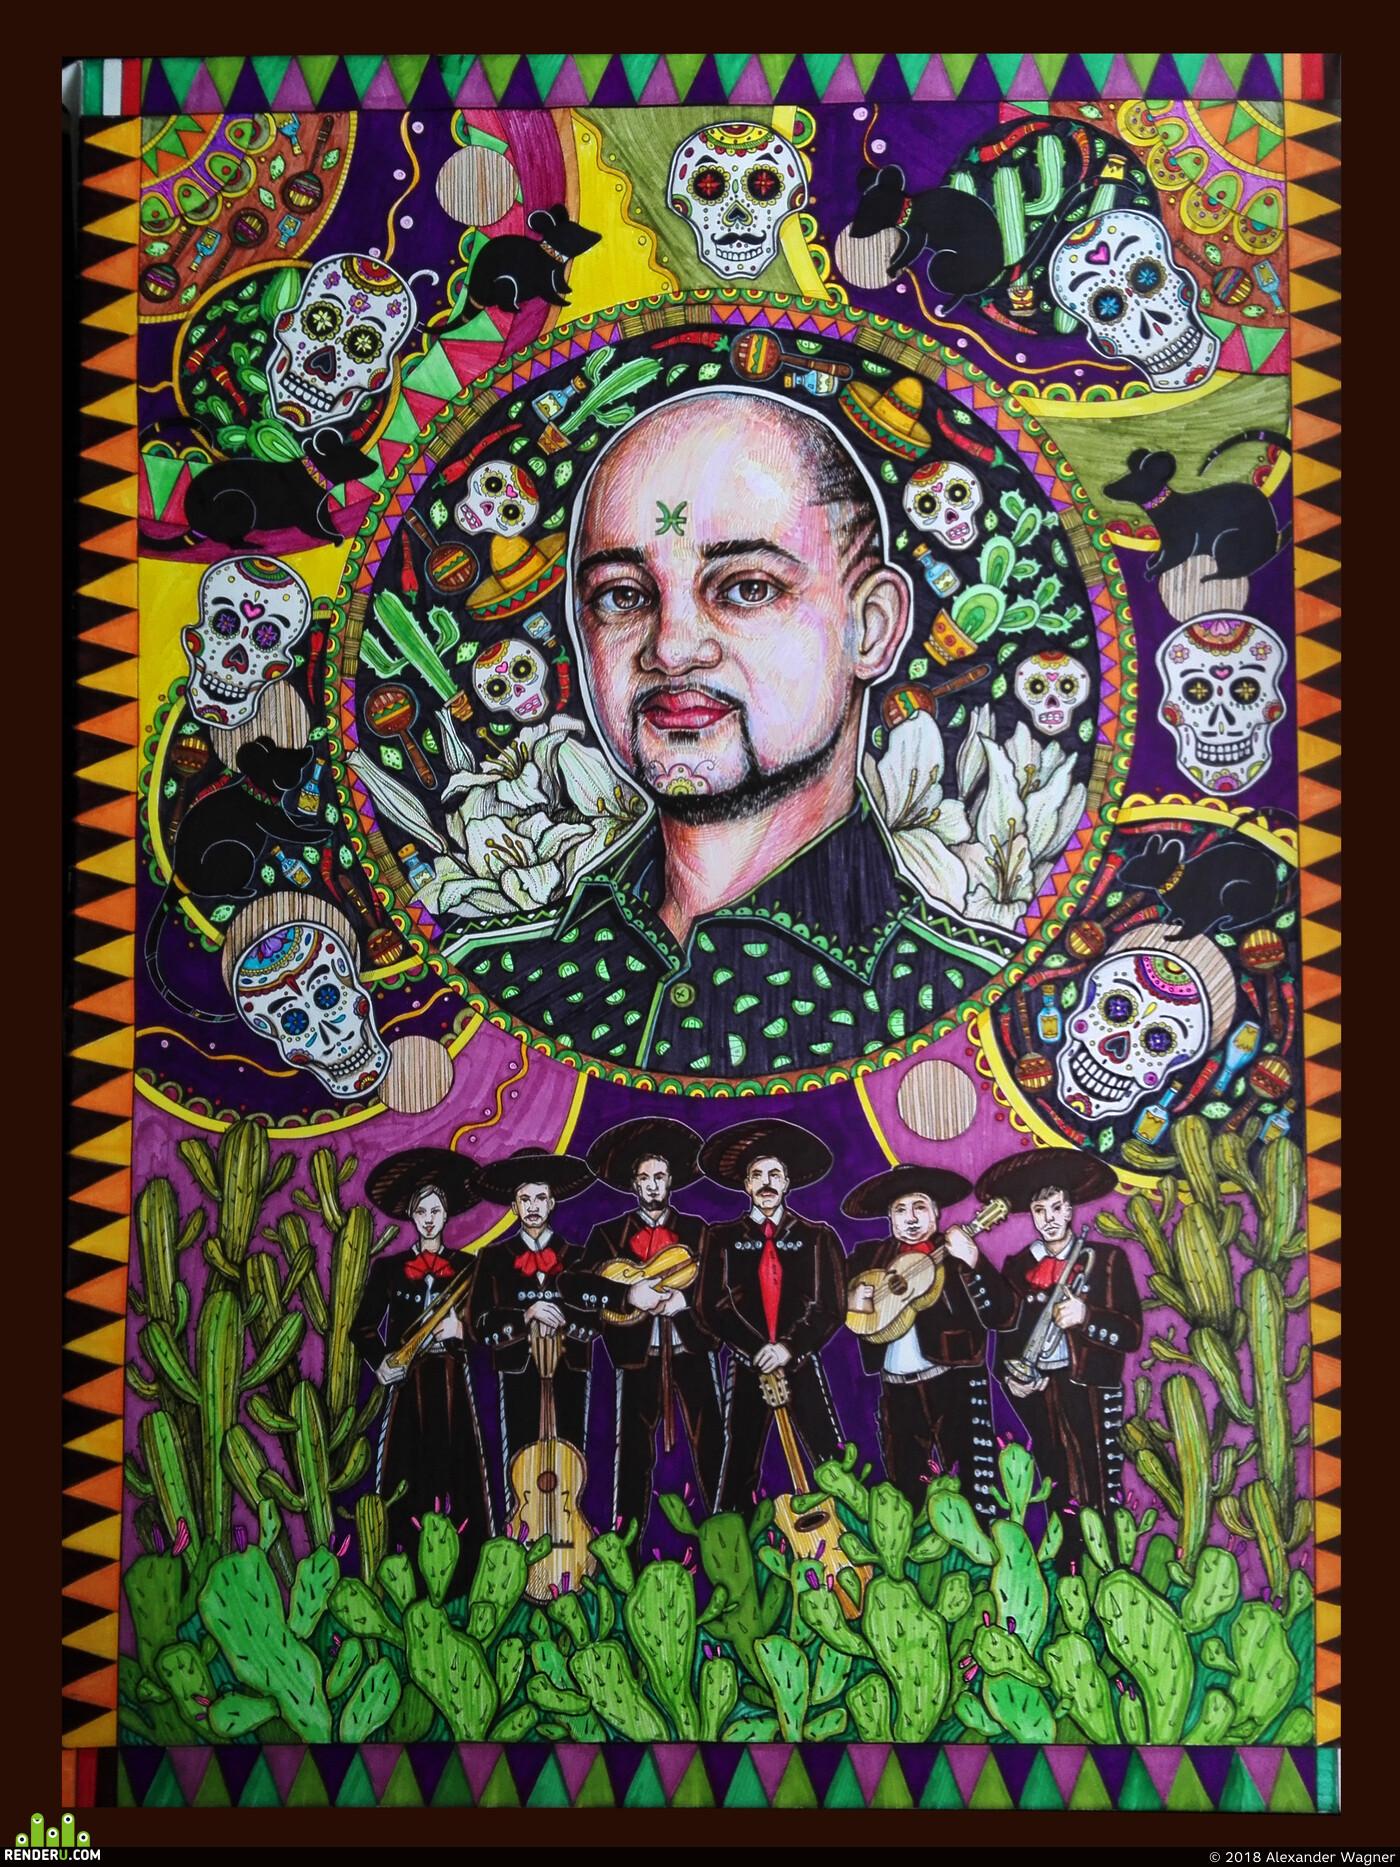 арт, портрет, Графика, традиционное искусство, декоративнаяграфика, стилизация, узоры, Черепа, череп, кактус